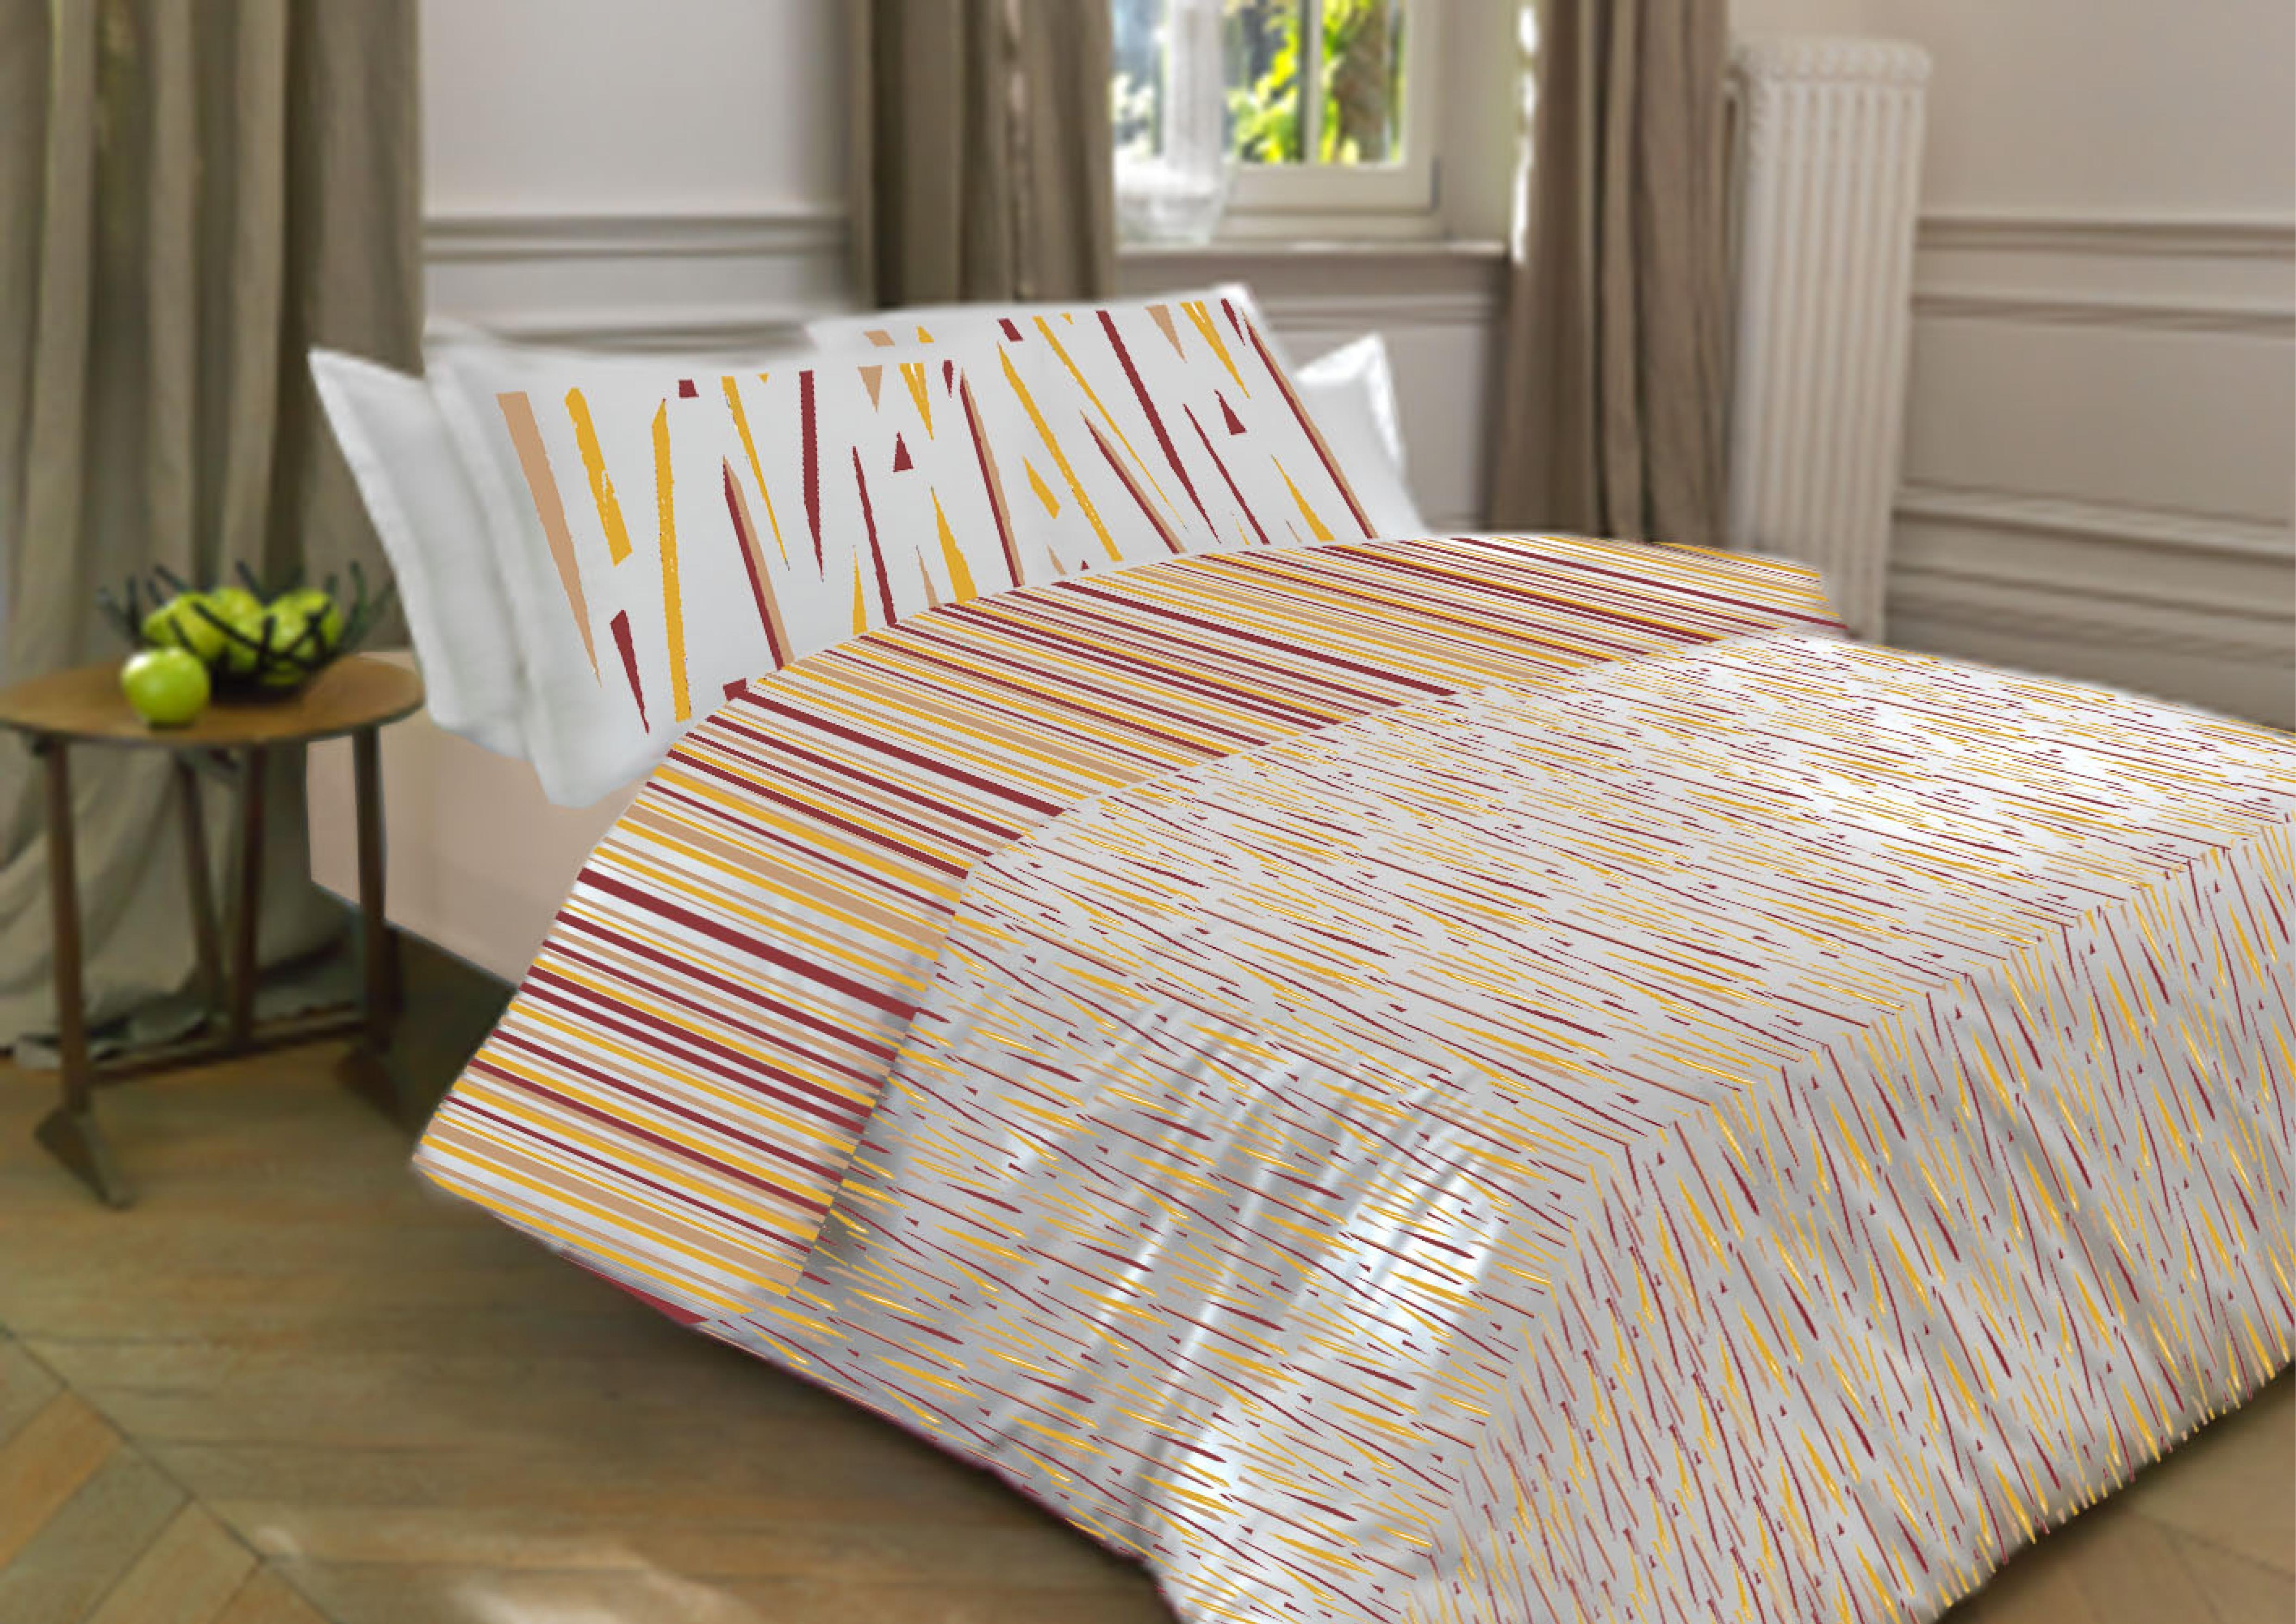 Graphisme motifs textile linge de lit latelierdelisa nimes6